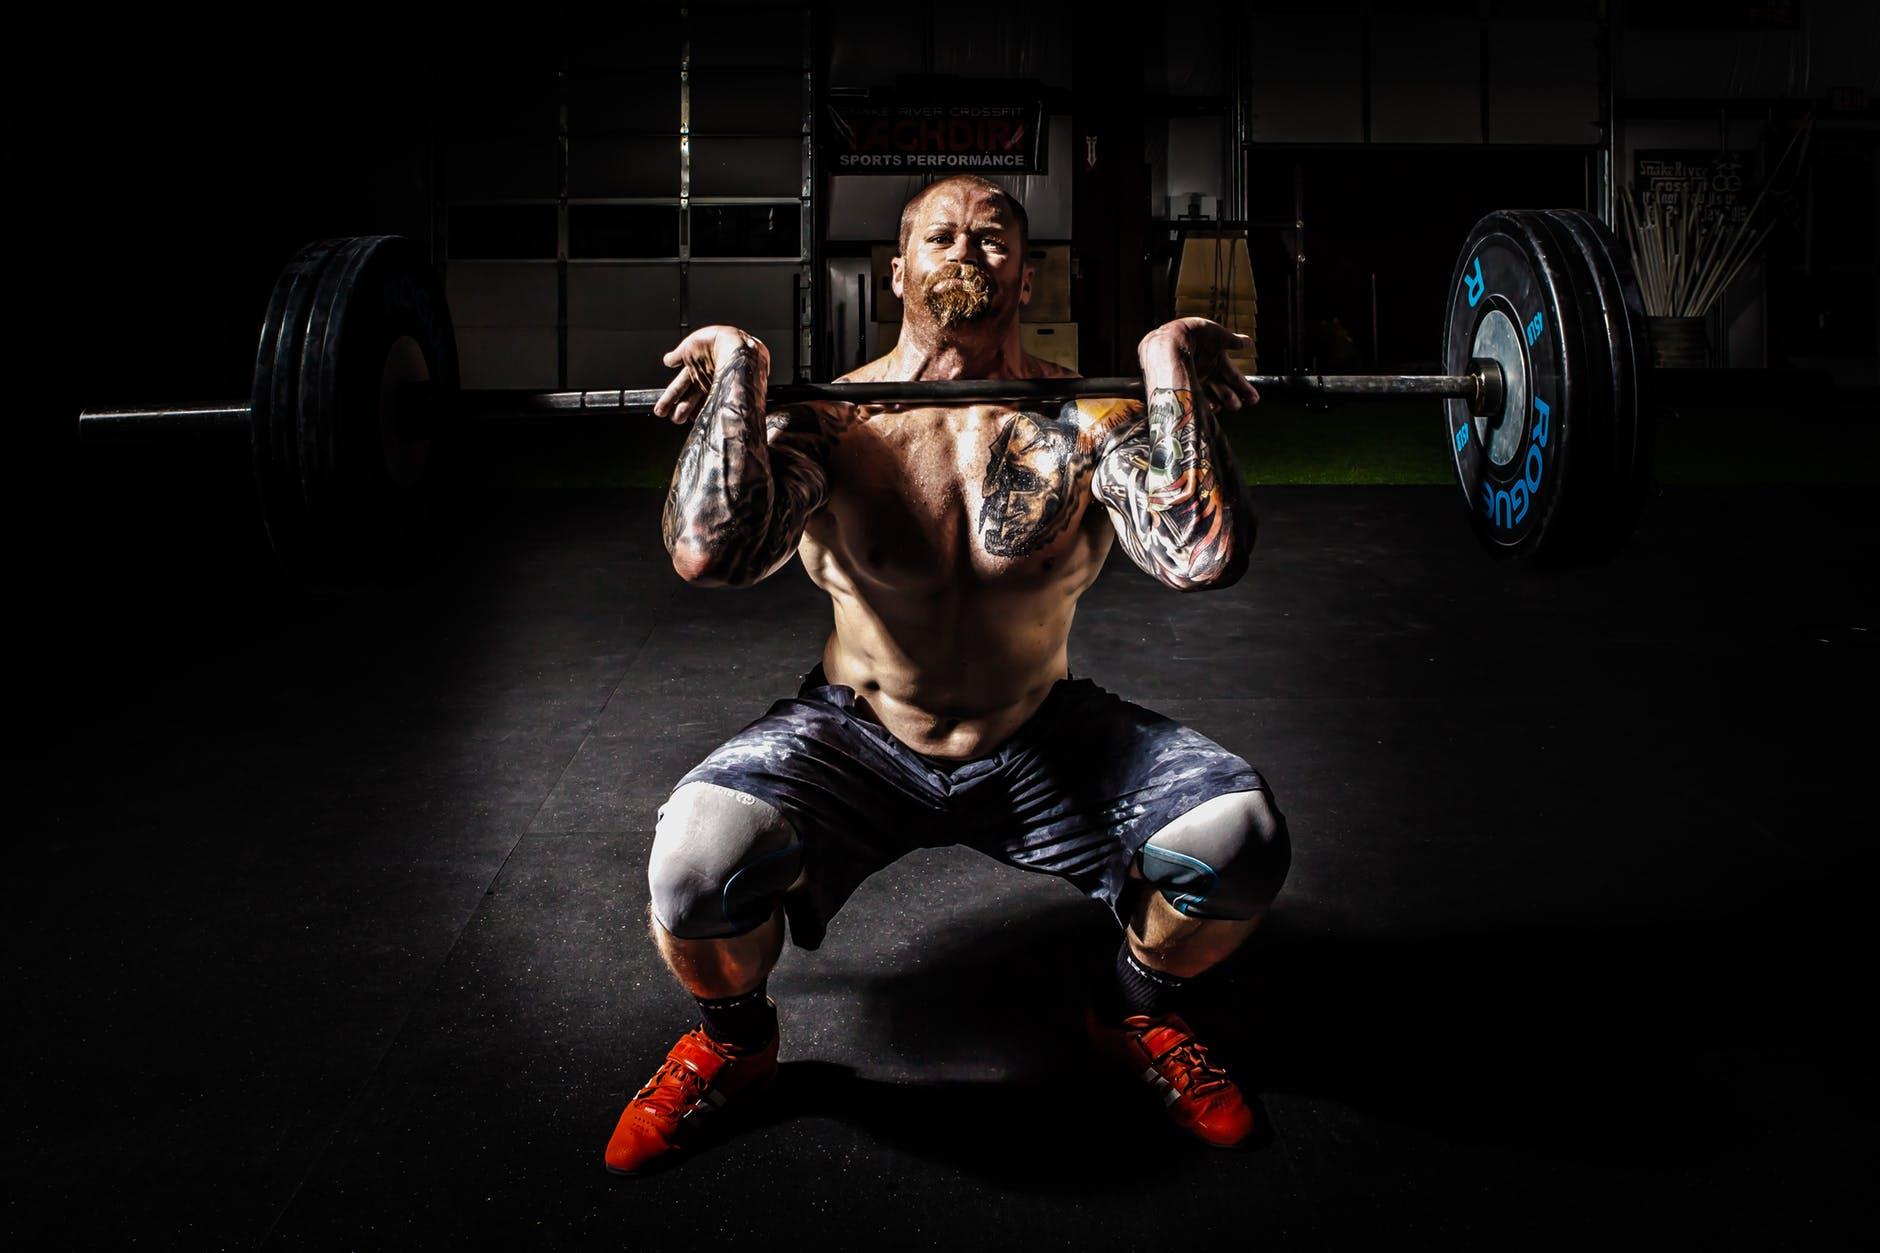 Conseils musculation pour débutants + Exemple programme Push Pull Legs (PPL)